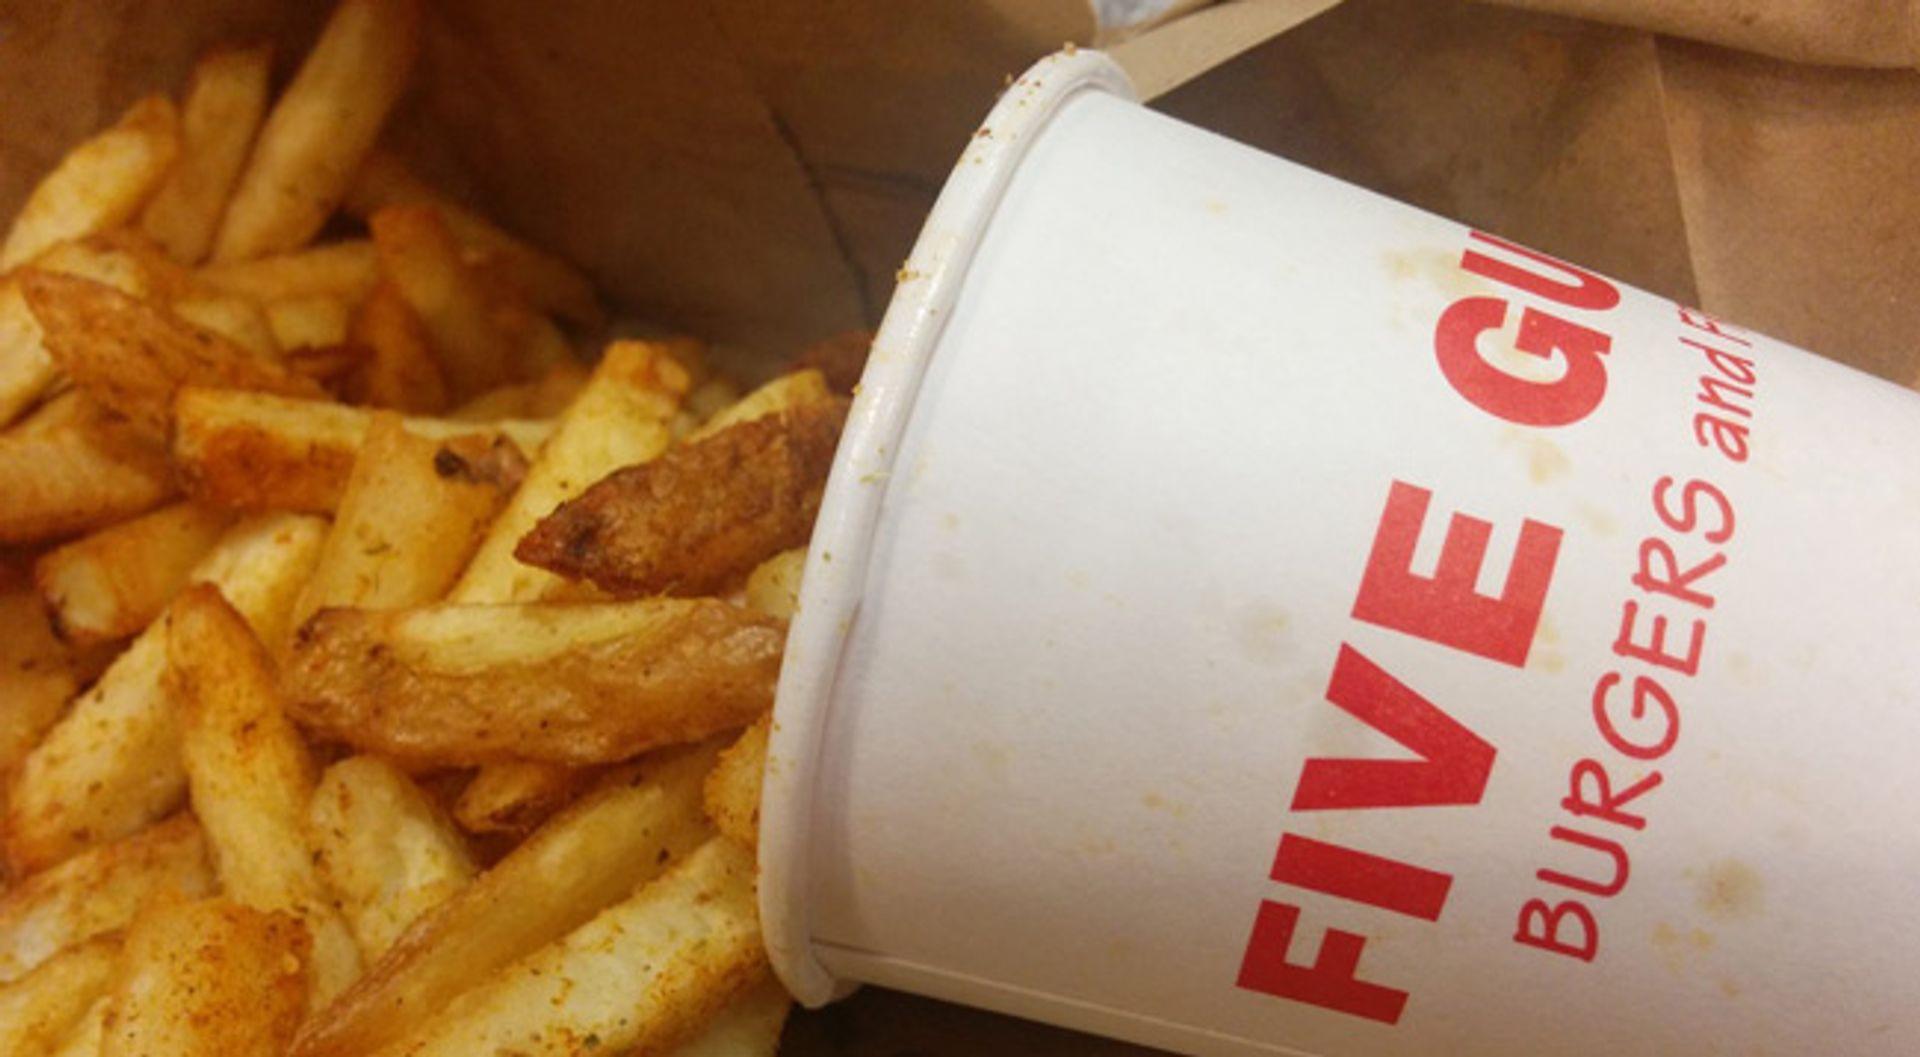 Franchise-Newcomer: Five Guys Burger expandieren in Deutschland